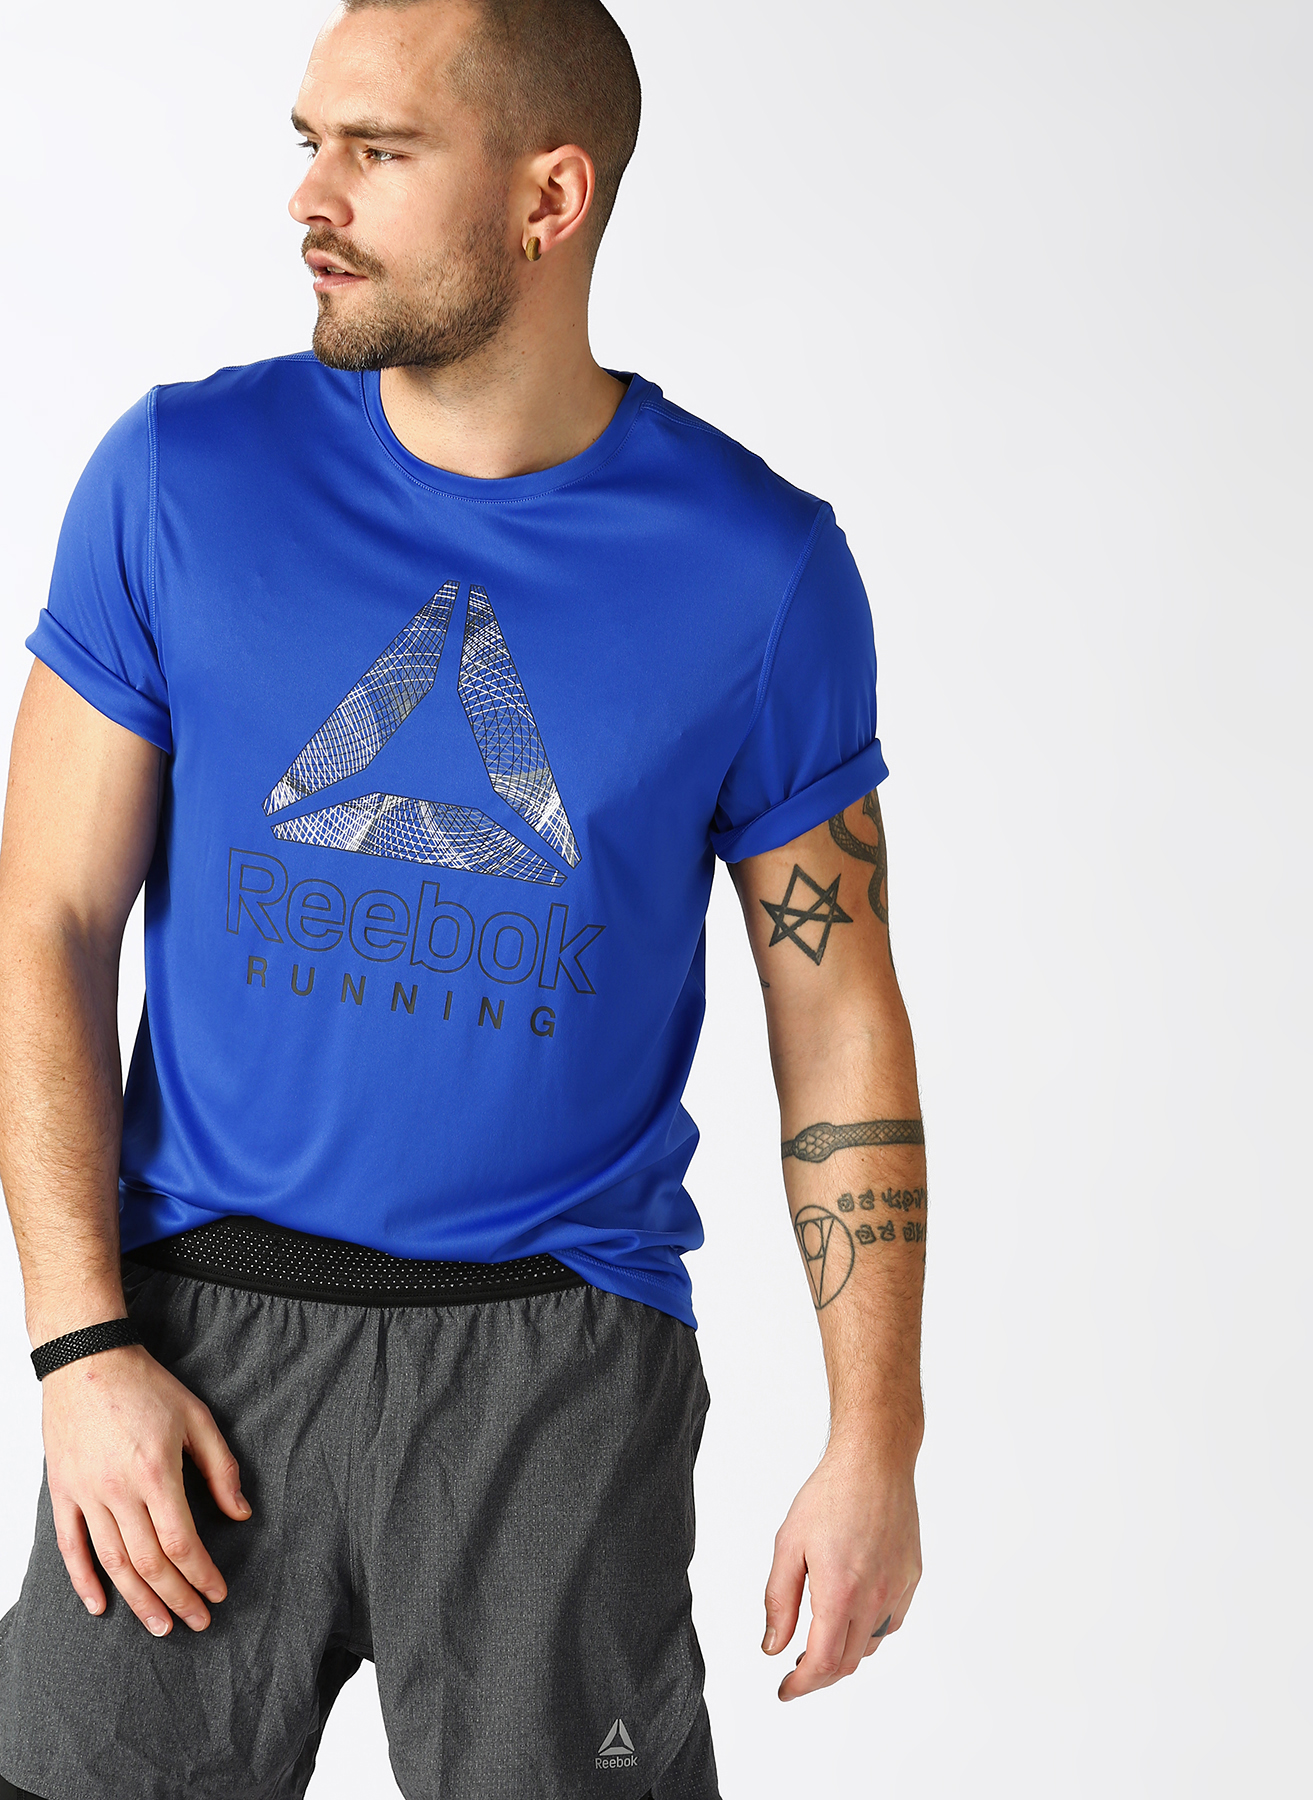 Reebok Running Essentials Graphic T-Shirt L 5002359844001 Ürün Resmi